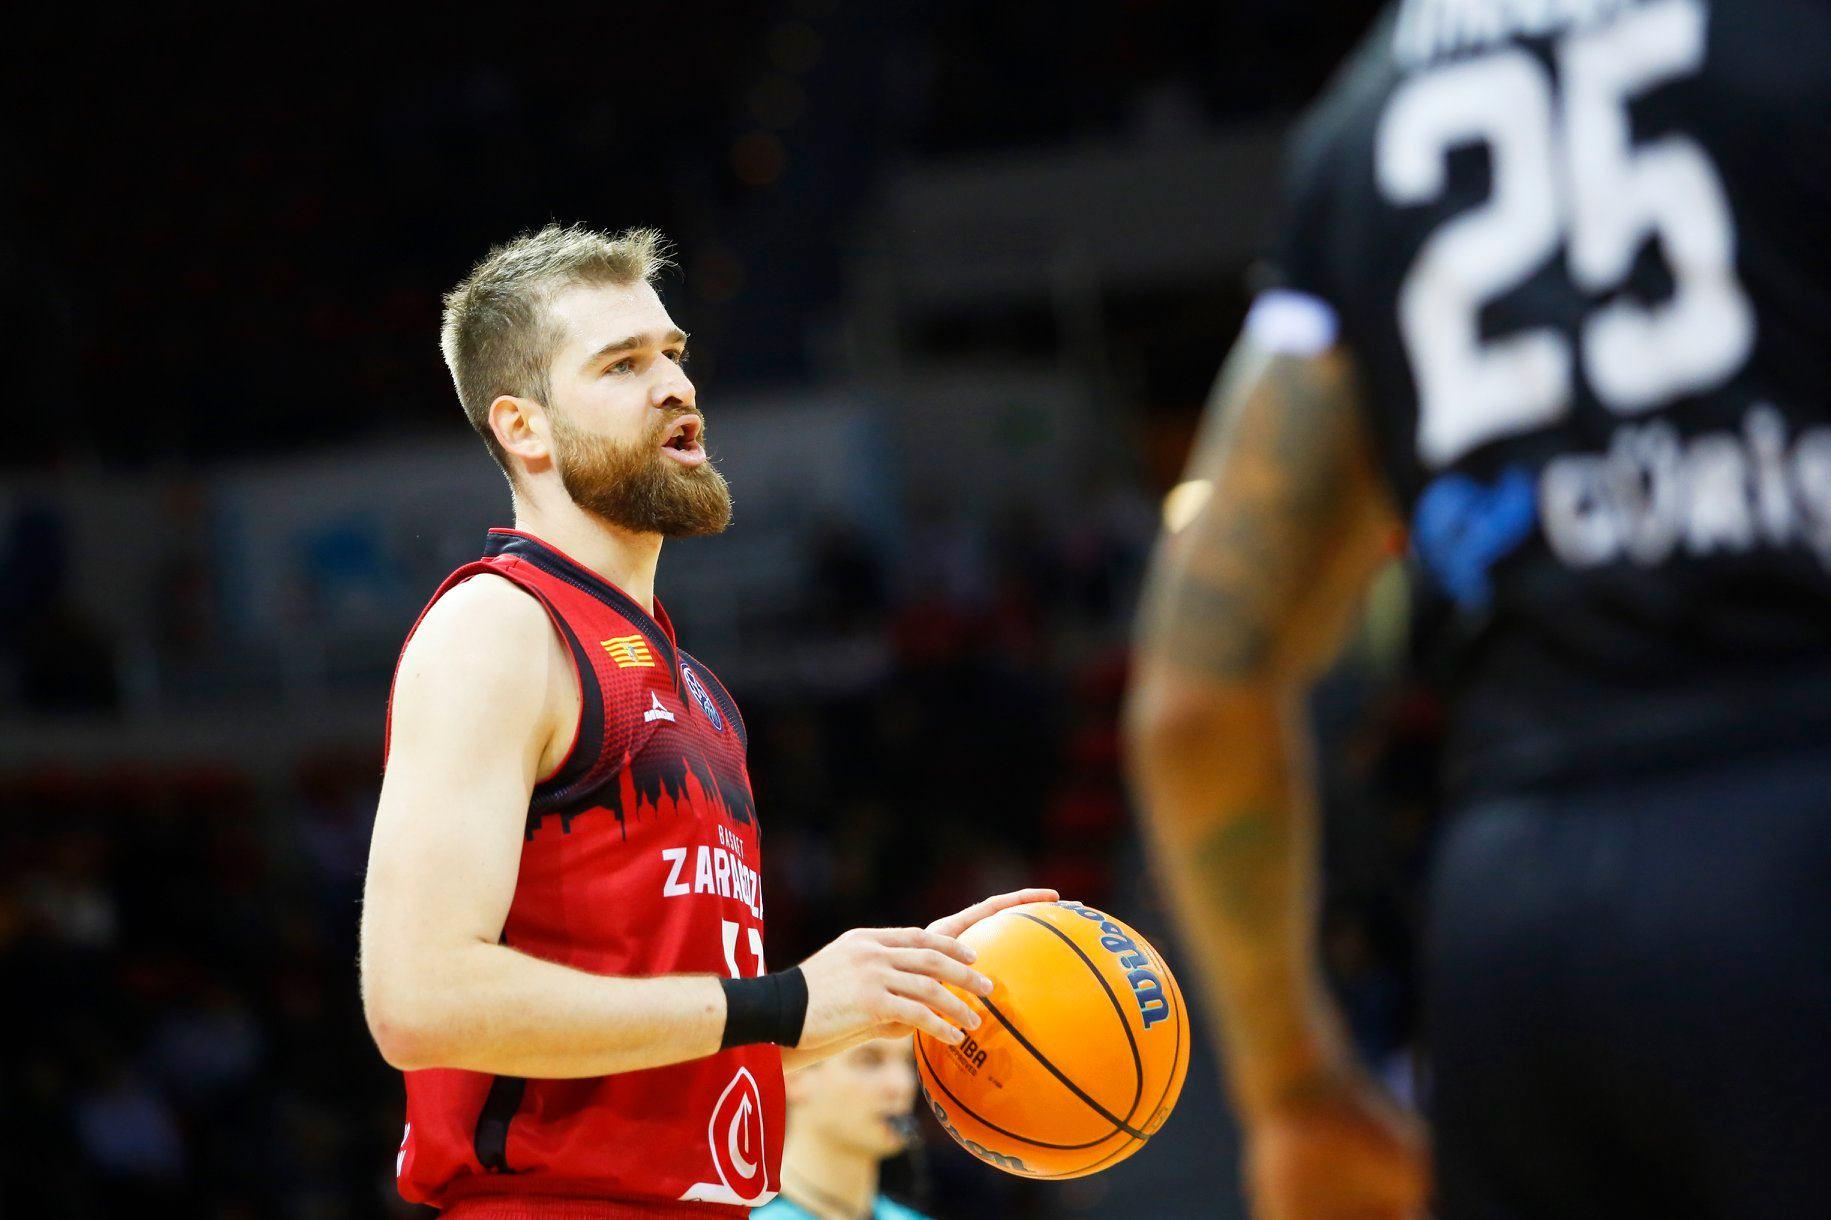 Arabet regala entradas para ver el partido del Basket Zaragoza contra el Baskonia